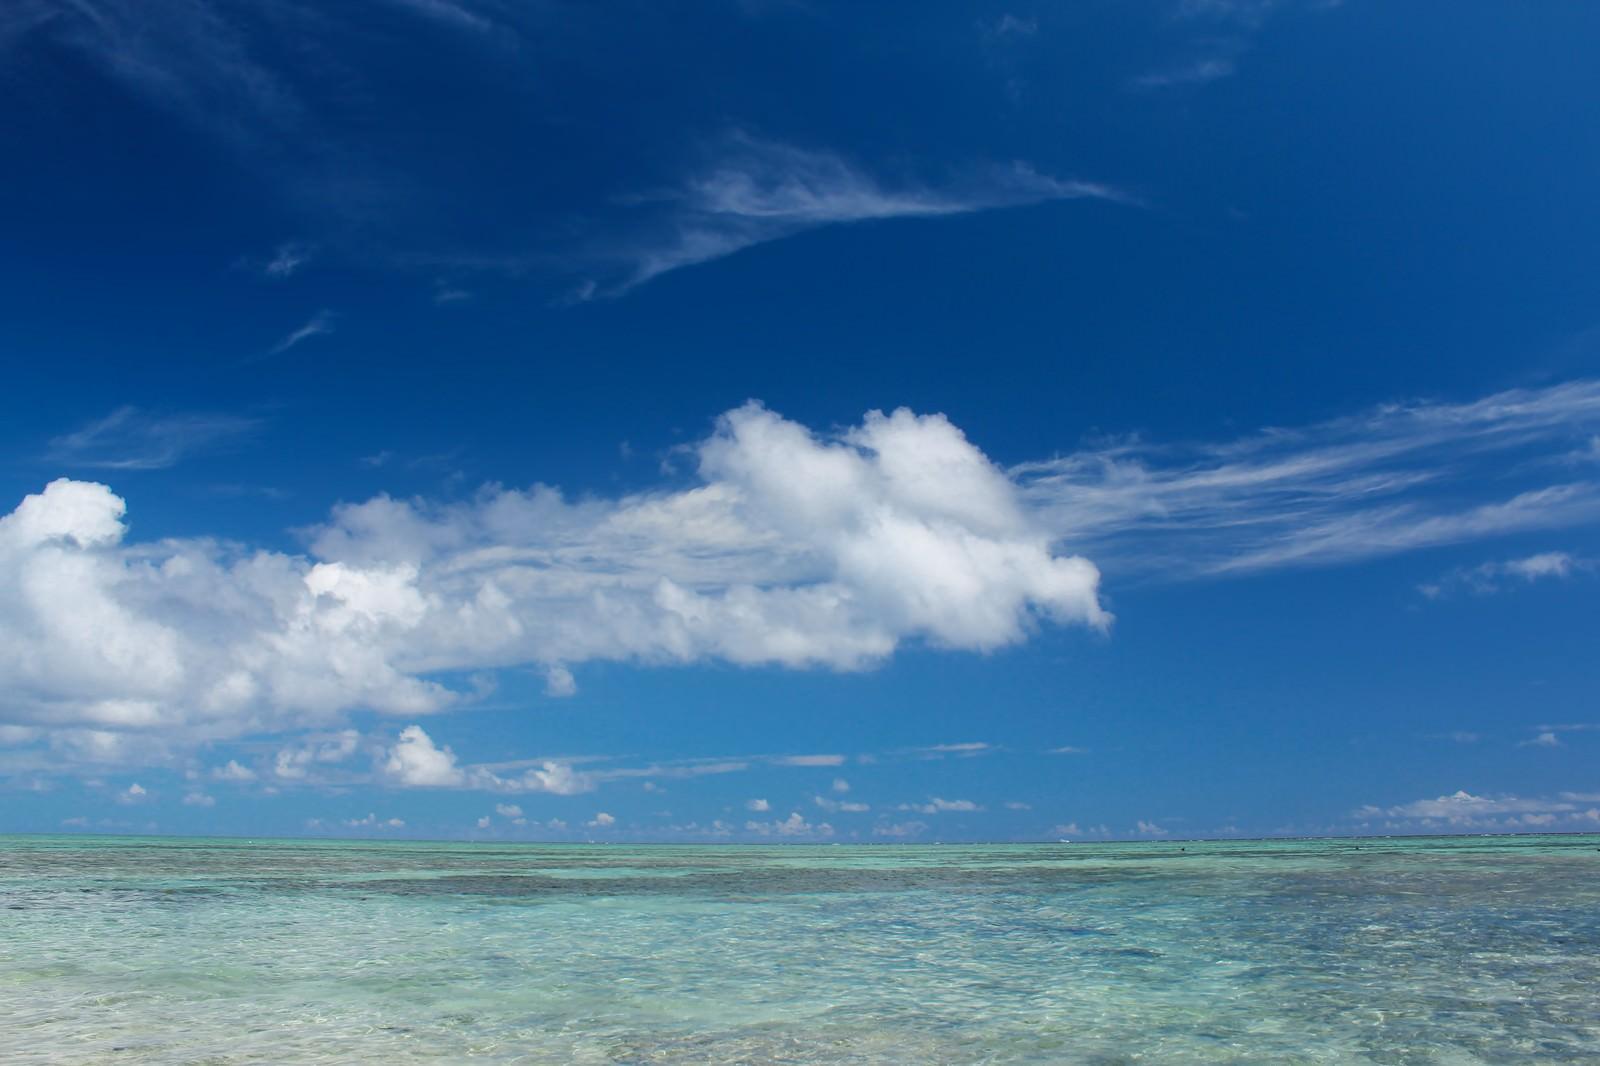 「夏の透き通る海夏の透き通る海」のフリー写真素材を拡大